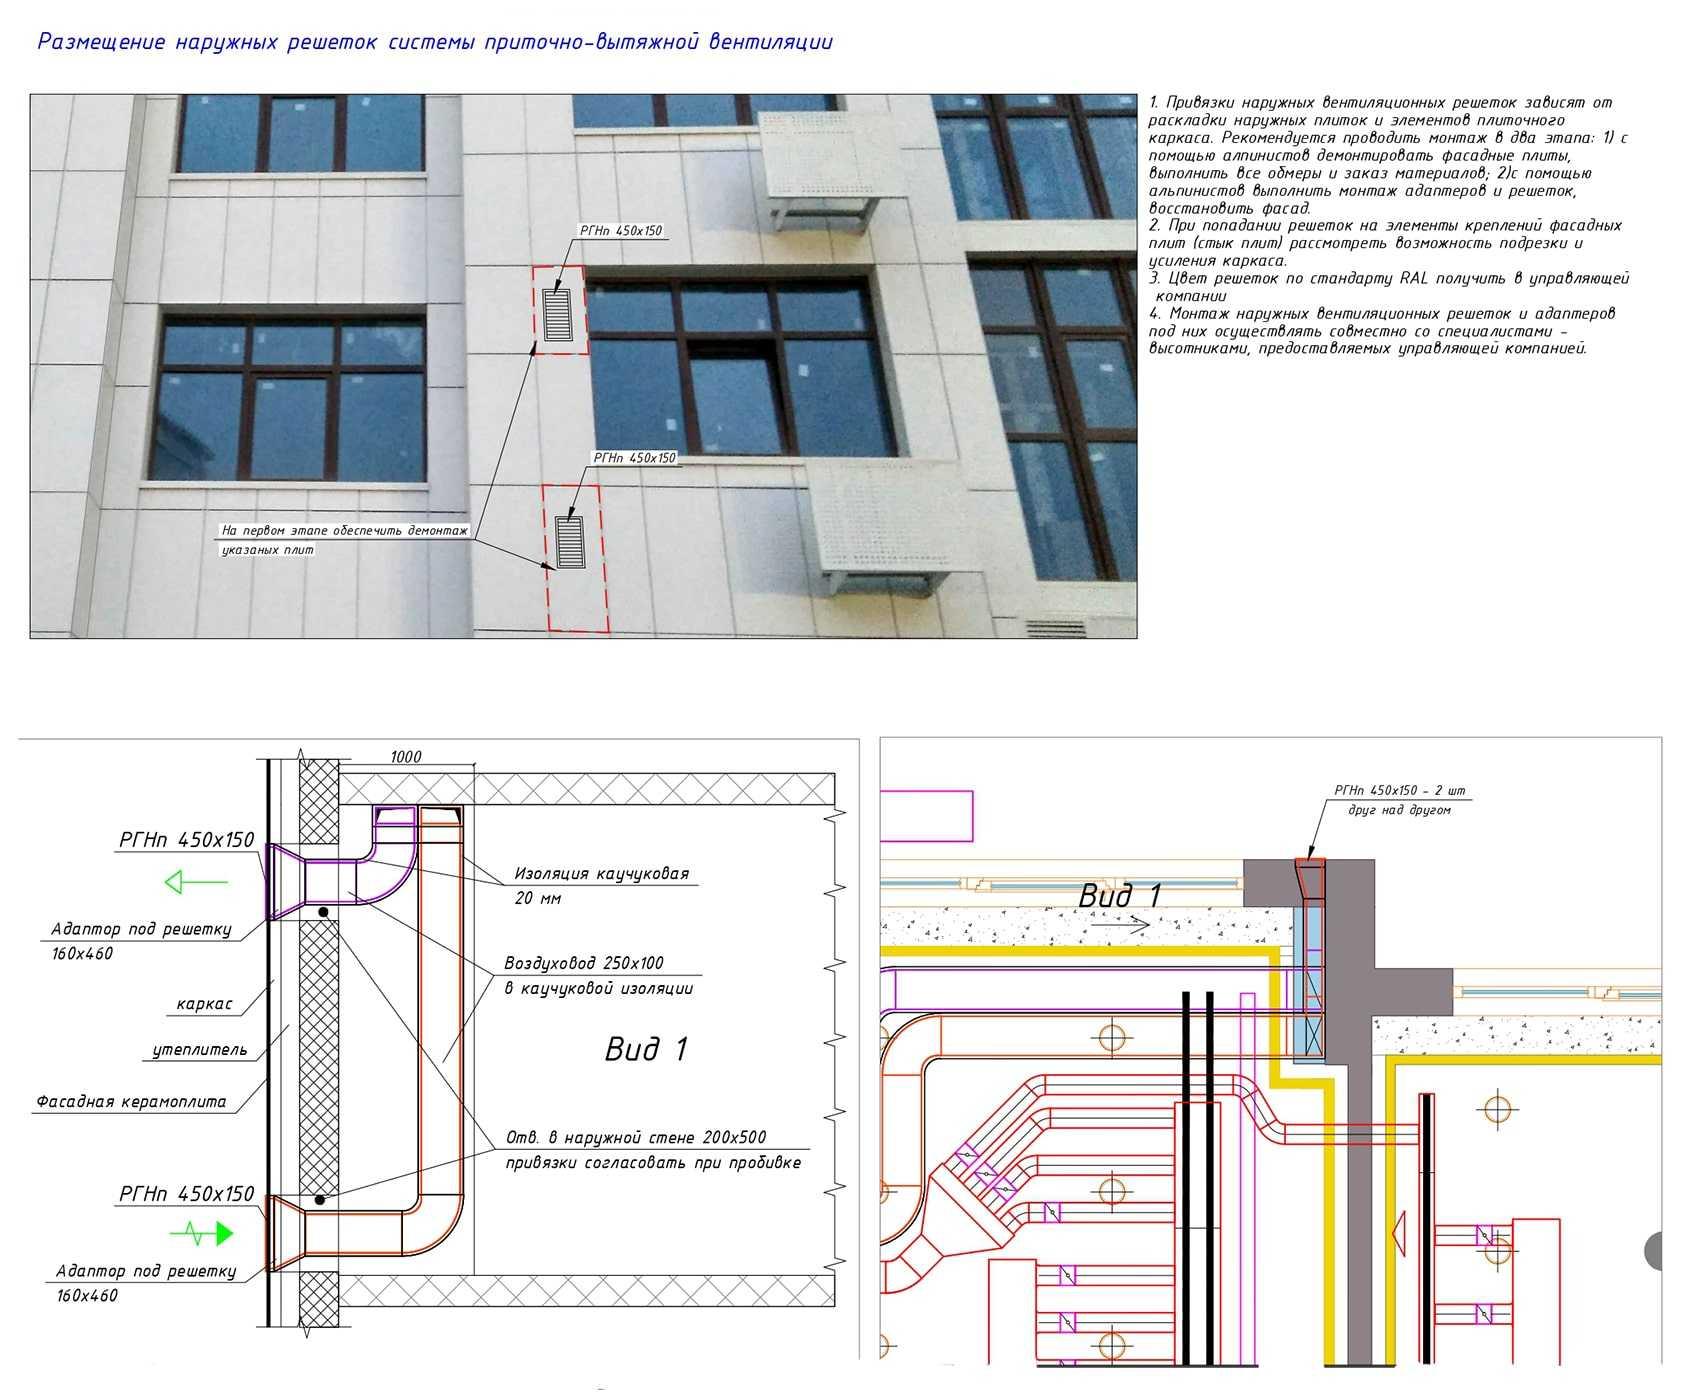 Размещение наружных решеток системы вентиляции